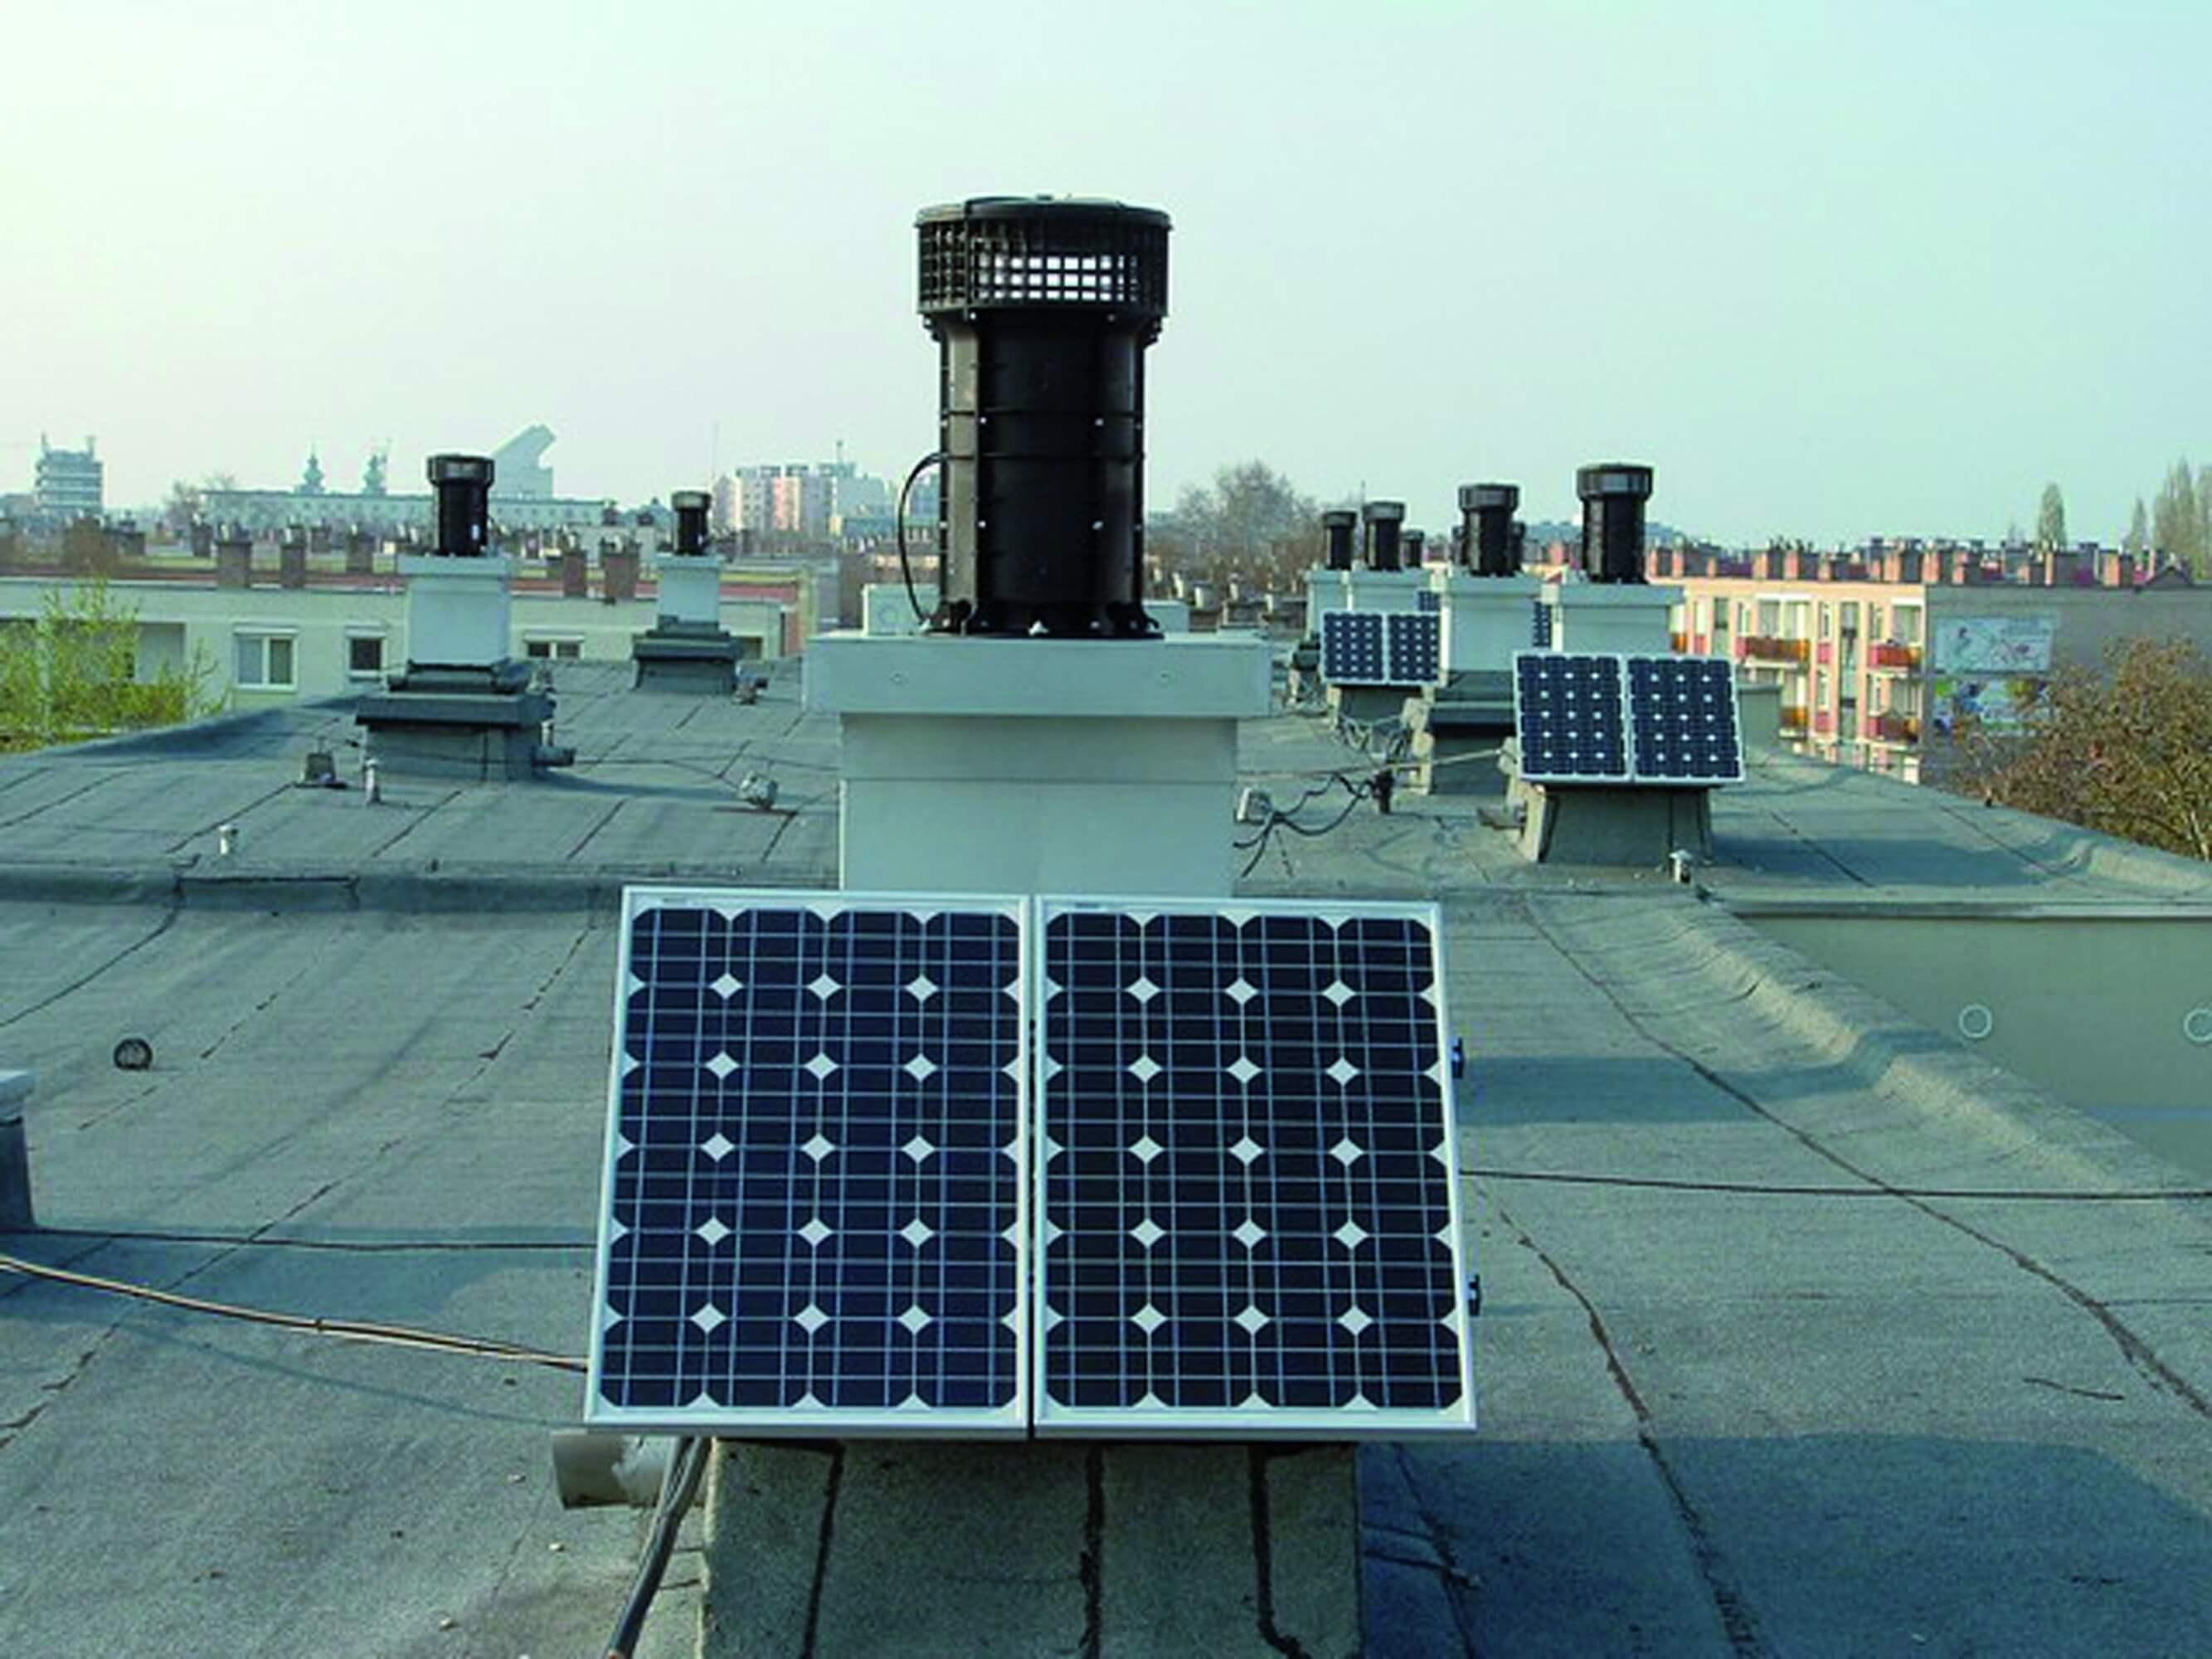 Erre is kell figyelni, hogy ne süljön el rosszul az energetikai beruházás